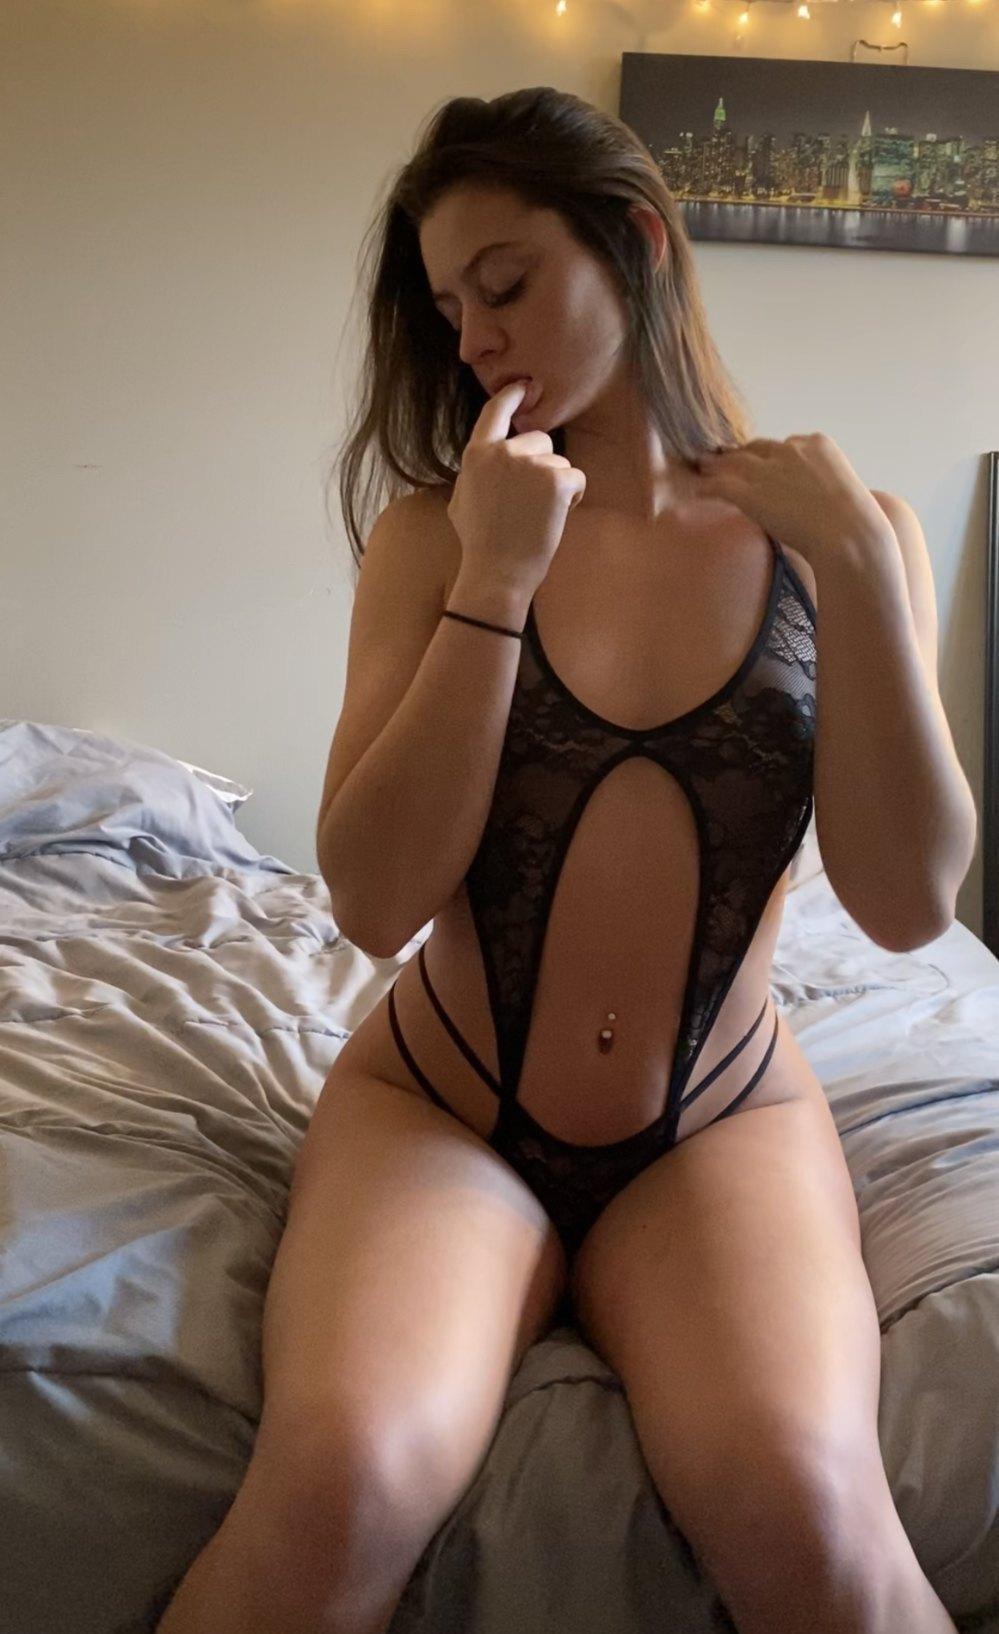 Jakara Mitchell Karamitch Onlyfans Nudes Leaks 0013